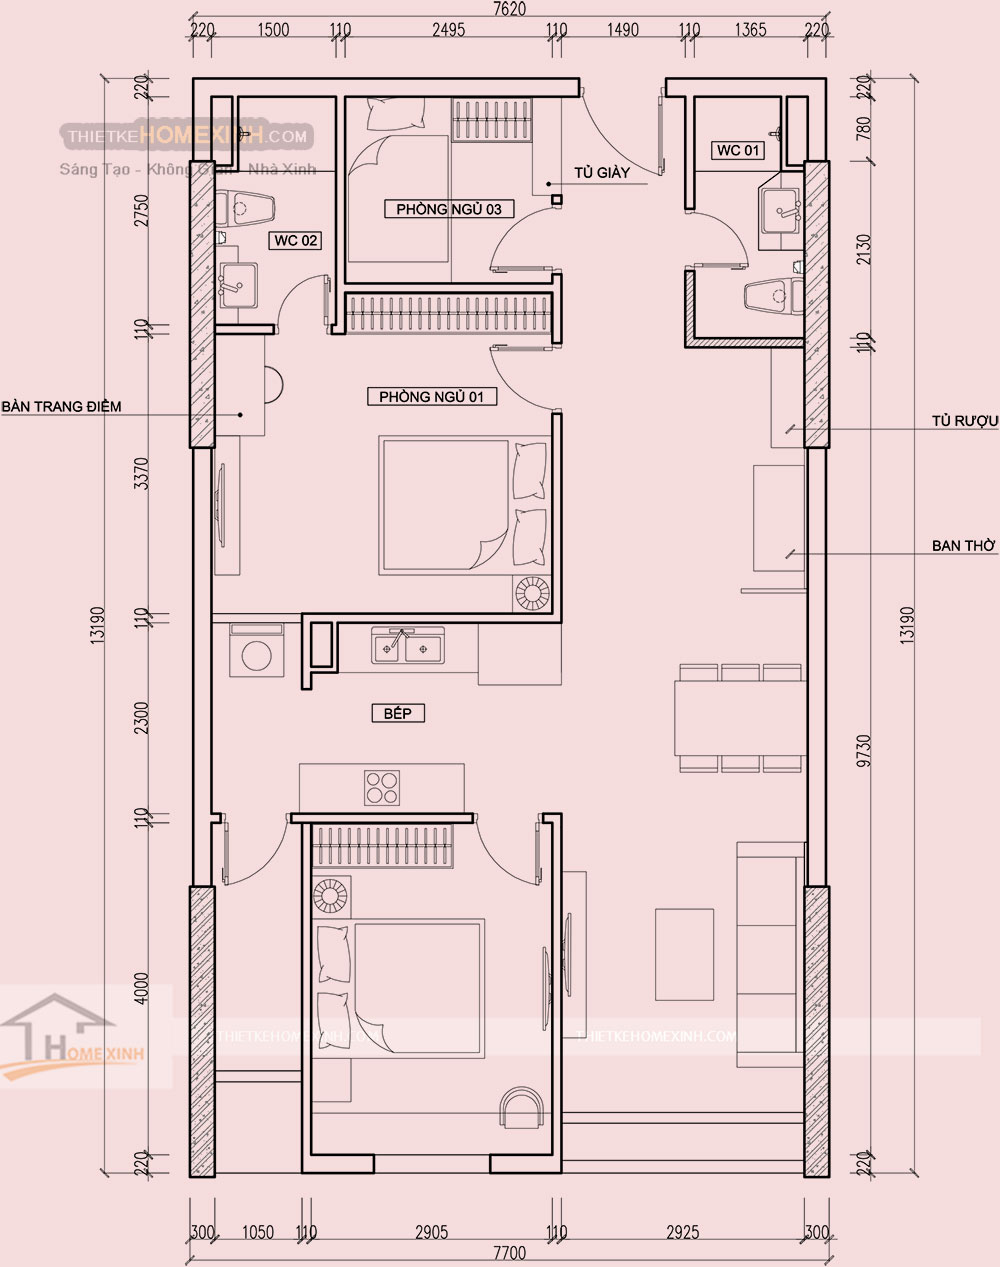 Mặt bằng thiết kế nội thất chung cư Golden West